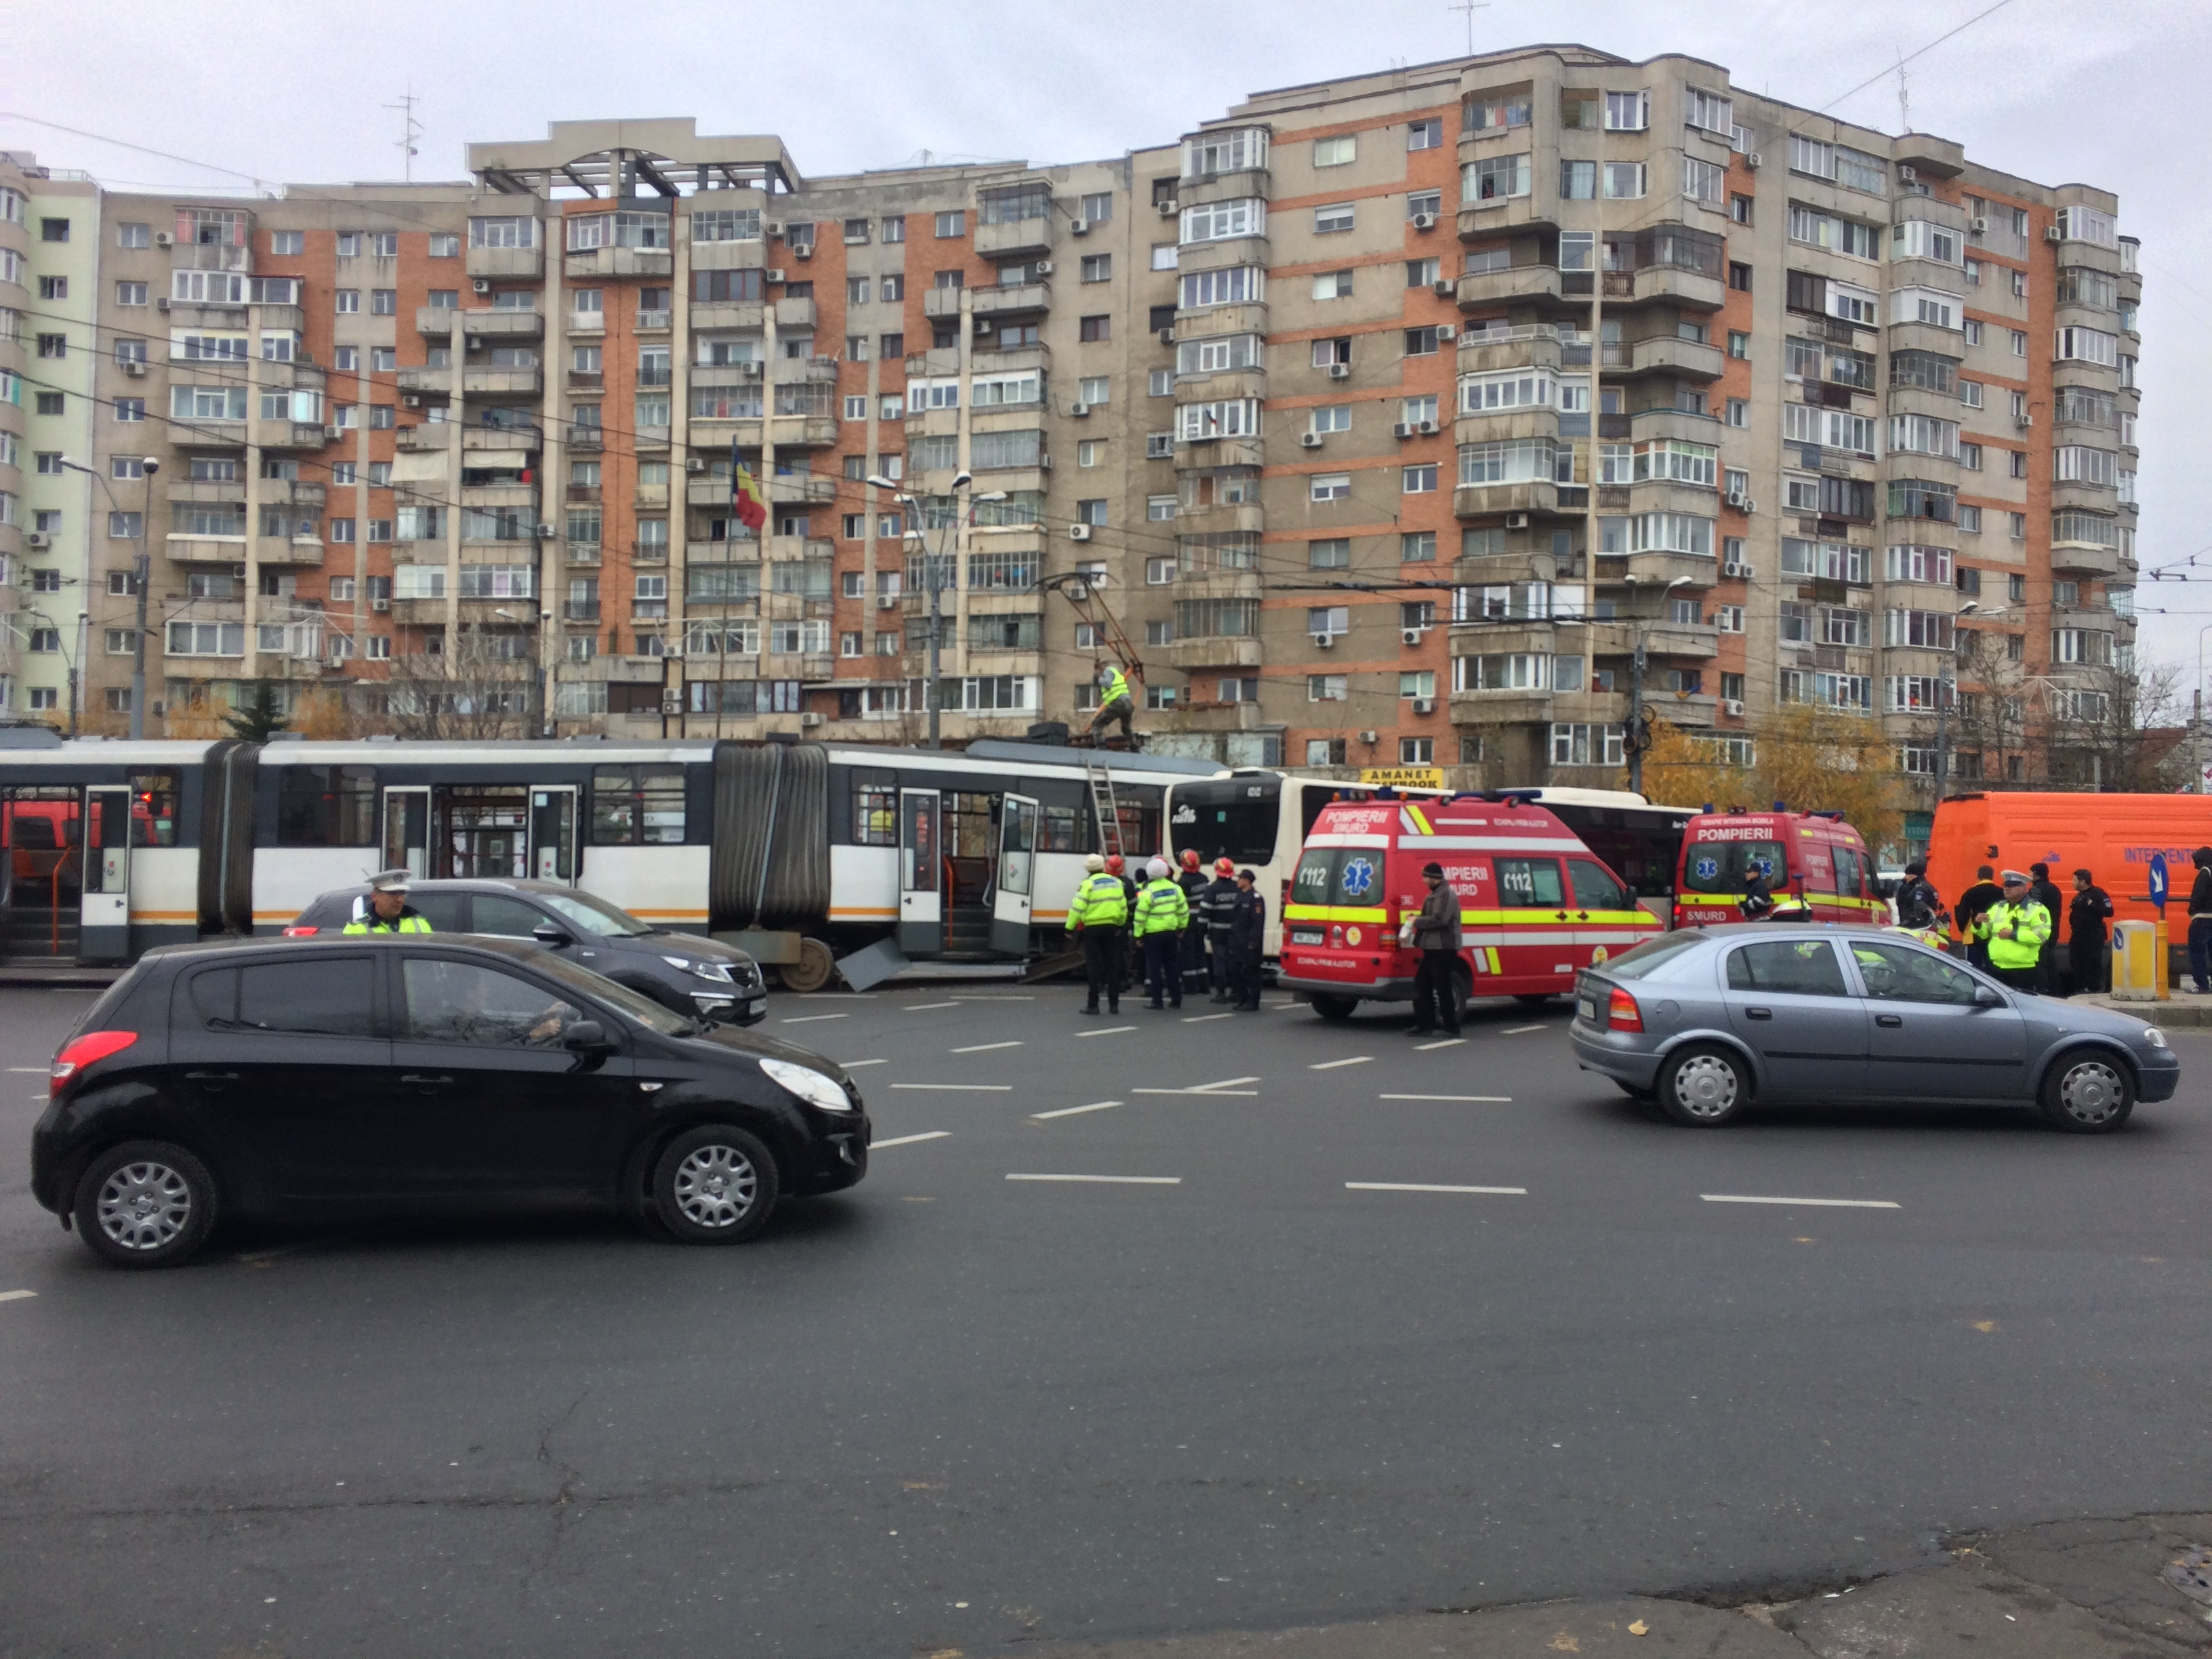 Patru raniti, dupa ce un tramvai s-a ciocnit cu un troleibuz. Vatmanul ar fi trecut pe rosu la semafor